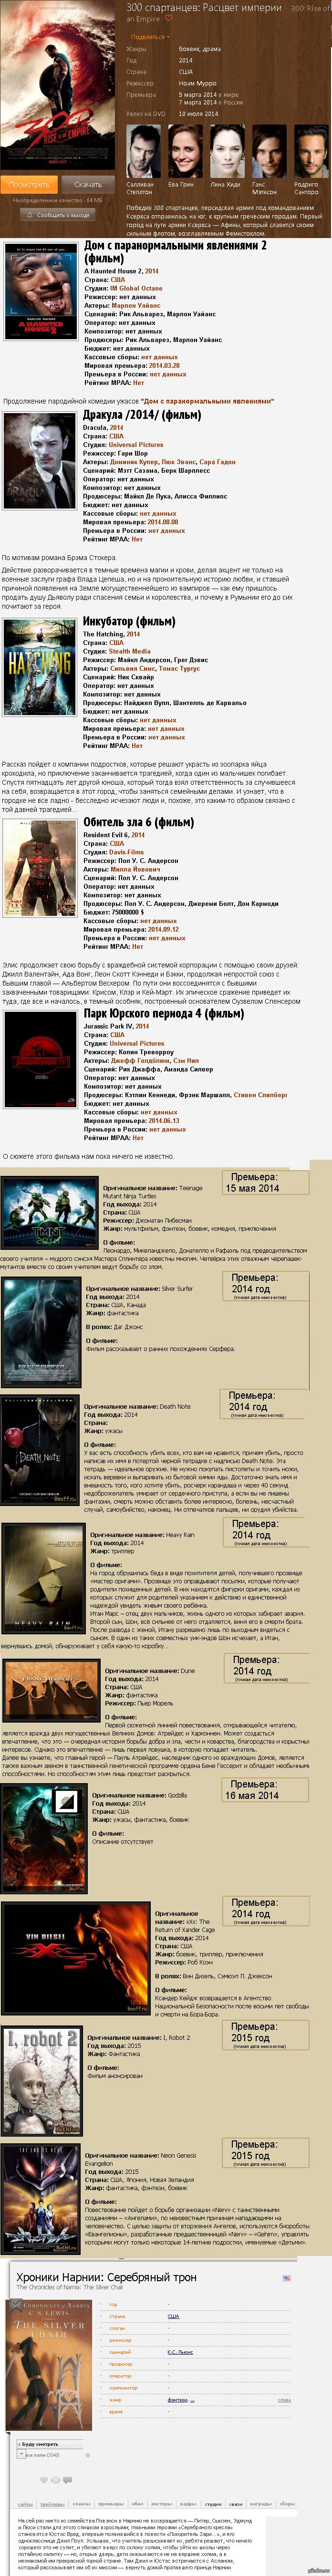 """������ ������� ������ � 2013, 2014 � 2015 ����� (2 �����) ��������� ����������! ����� �� ������ ���� <a href=""""http://pikabu.ru/story/filmyi_kotoryie_vyiydut_v_2014_i_2015_godakh_1424651#comments"""">http://pikabu.ru/story/_1424651</a> ��� ������ ��� � ������ ����."""